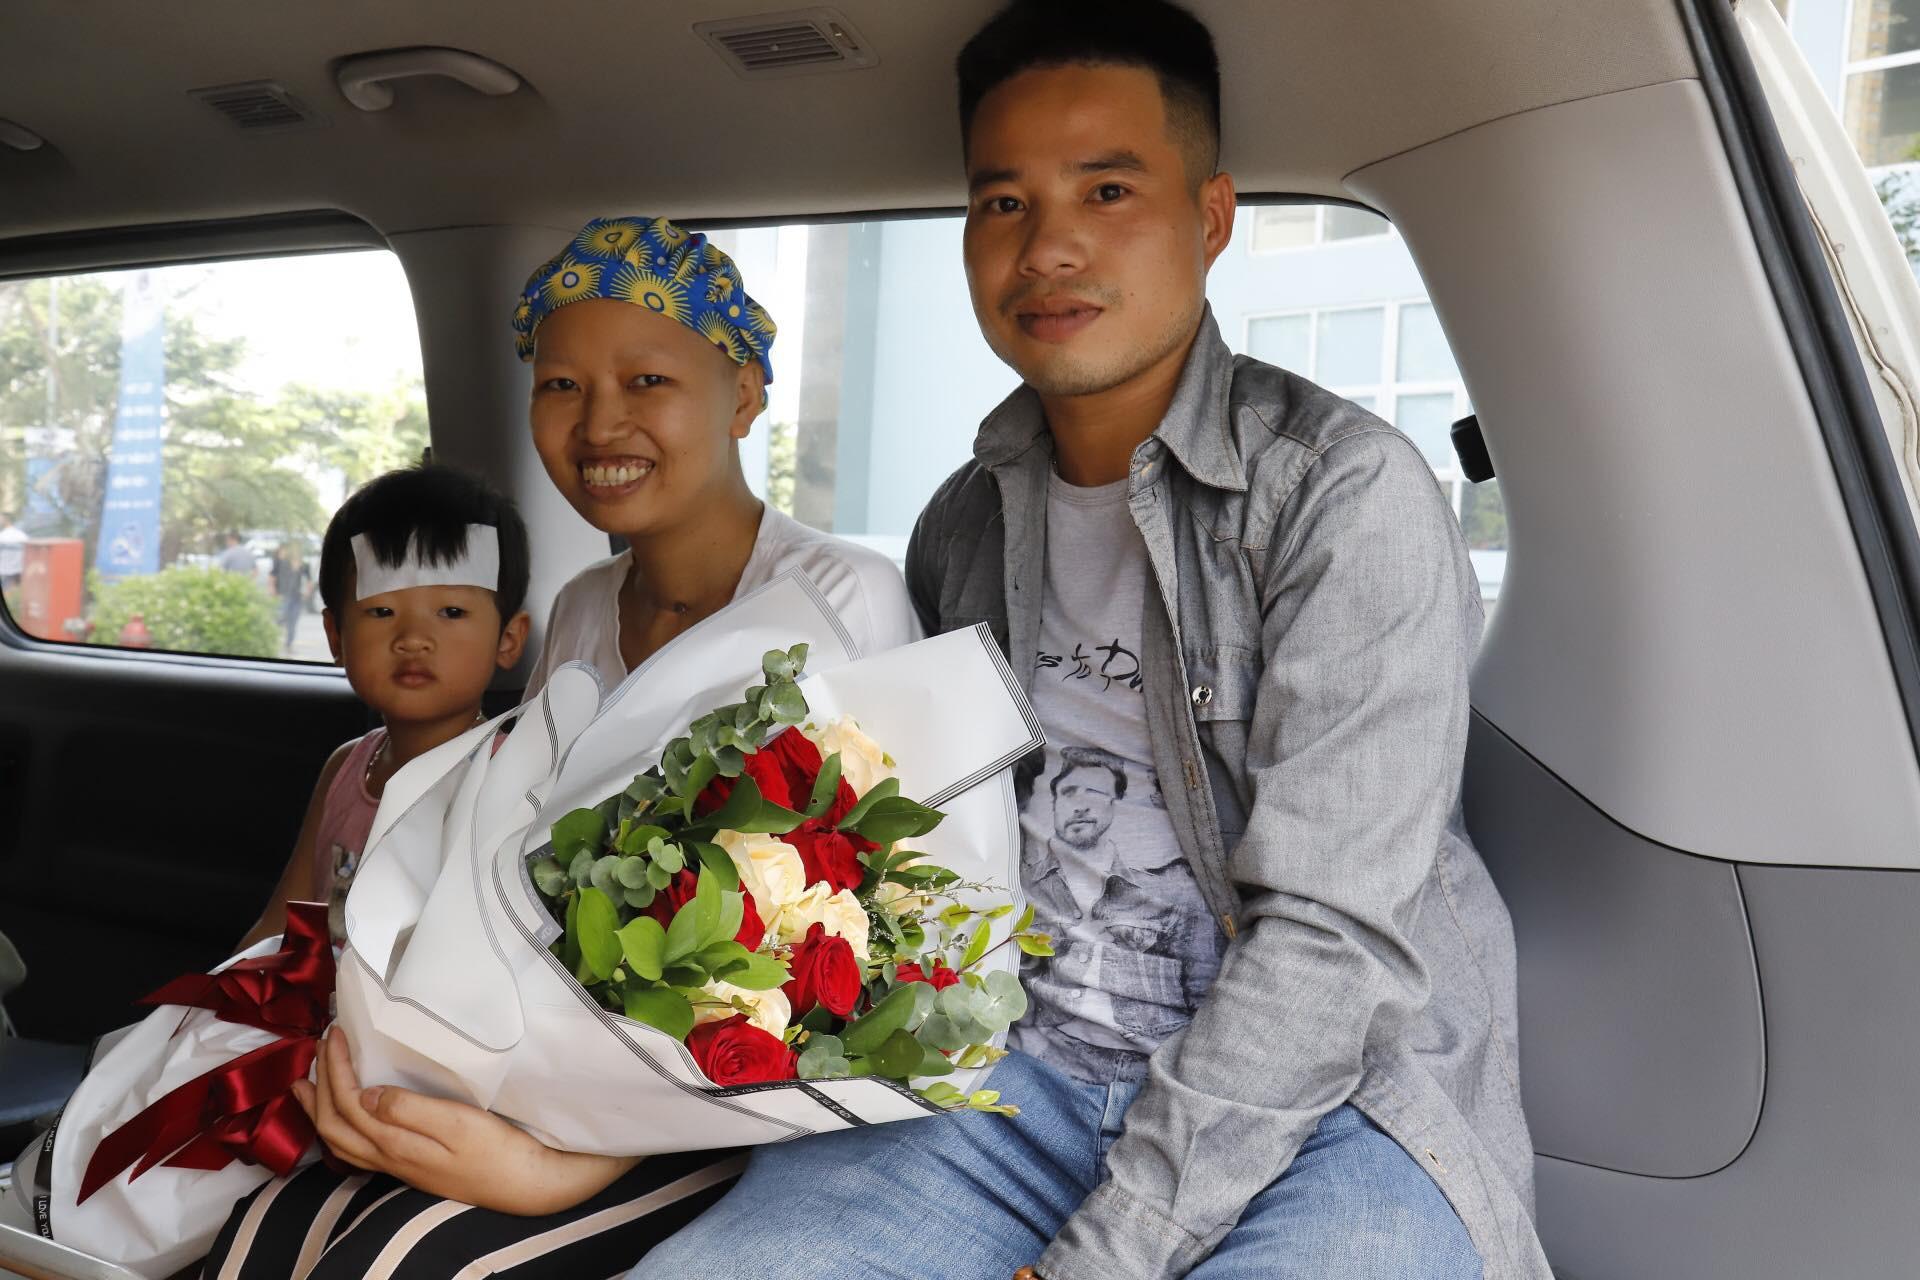 Nhật ký 55 ngày chiến đấu đầy cảm xúc của người mẹ ung thư và con trai: Mong Bình An rồi sẽ bình an!-1